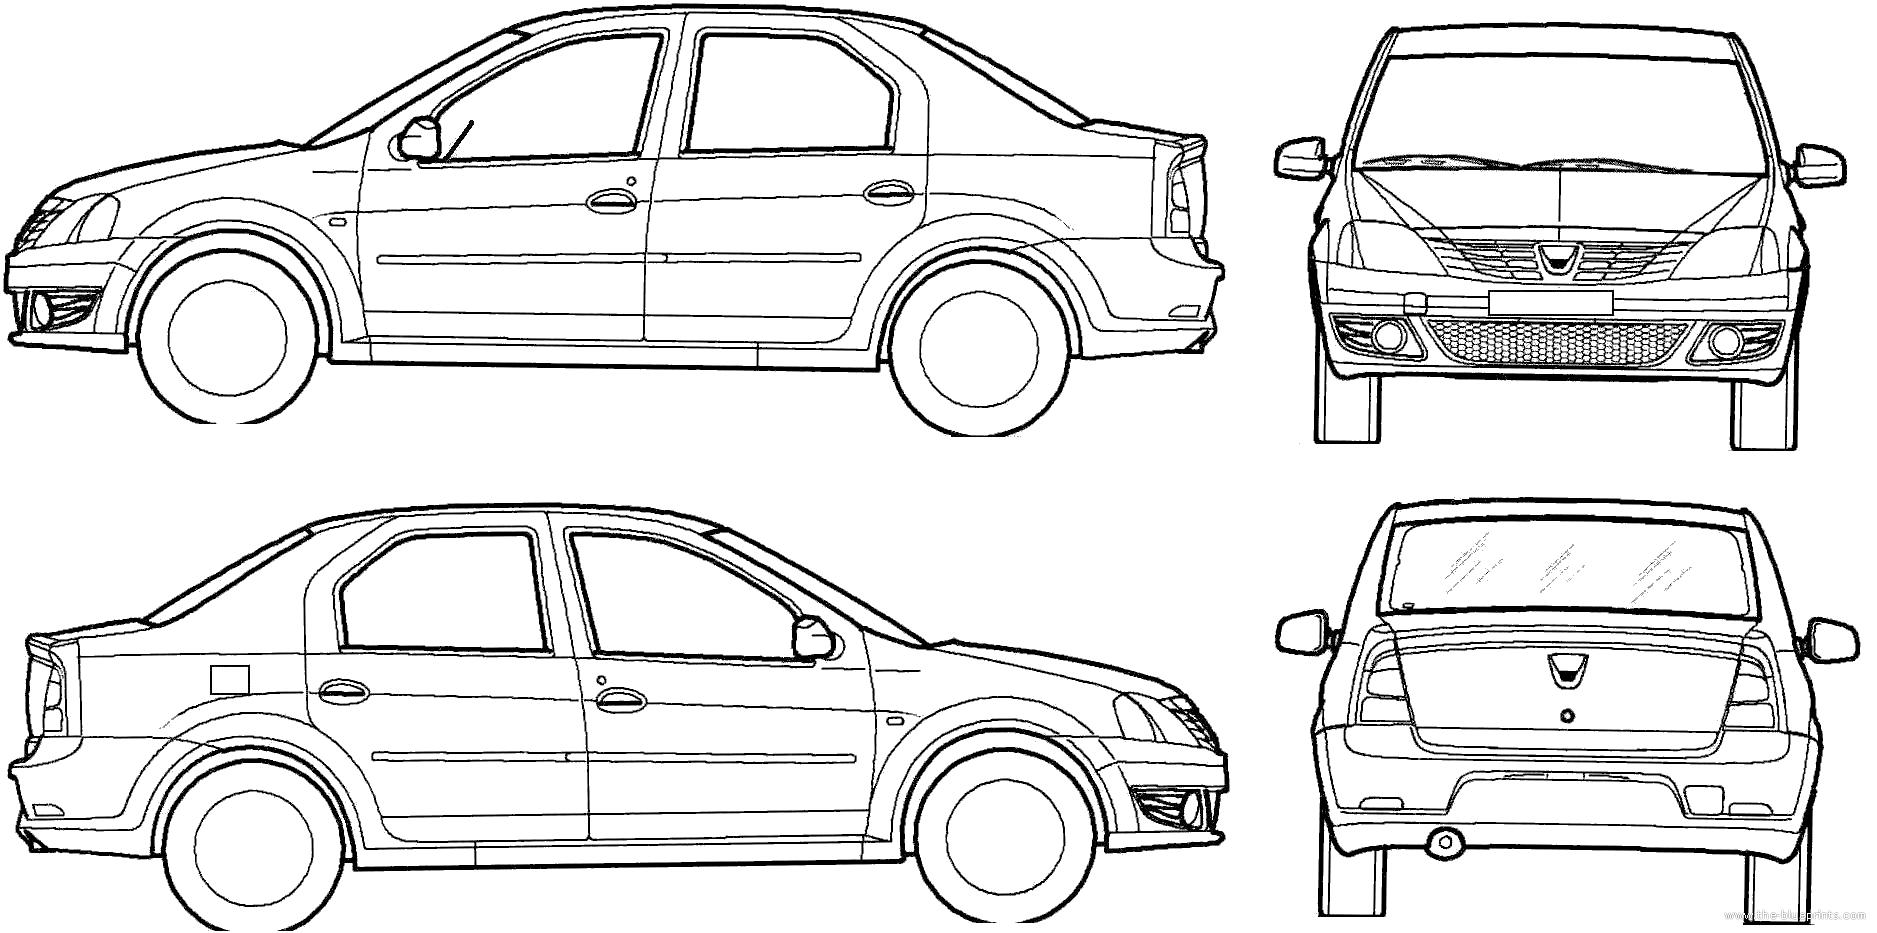 Blueprints Gt Cars Gt Dacia Gt Dacia Logan